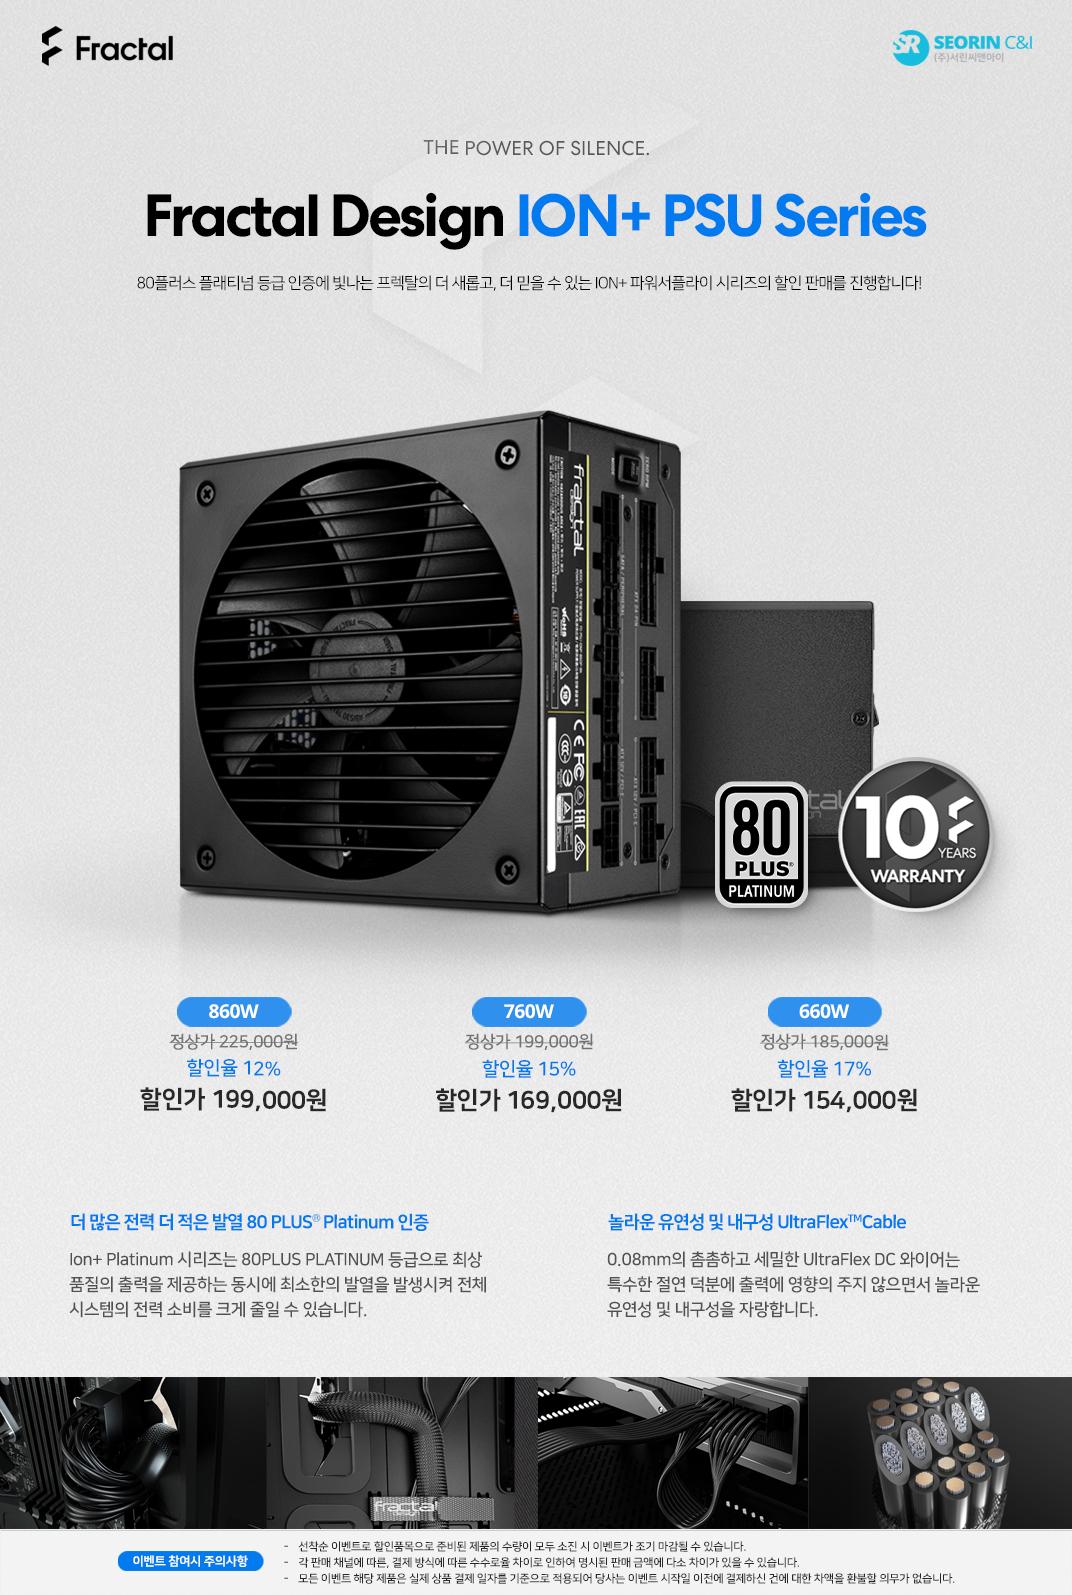 80플러스 플래티넘 인증 등급! 프렉탈디자인 ION+ 상시 할인 판매 이벤트!